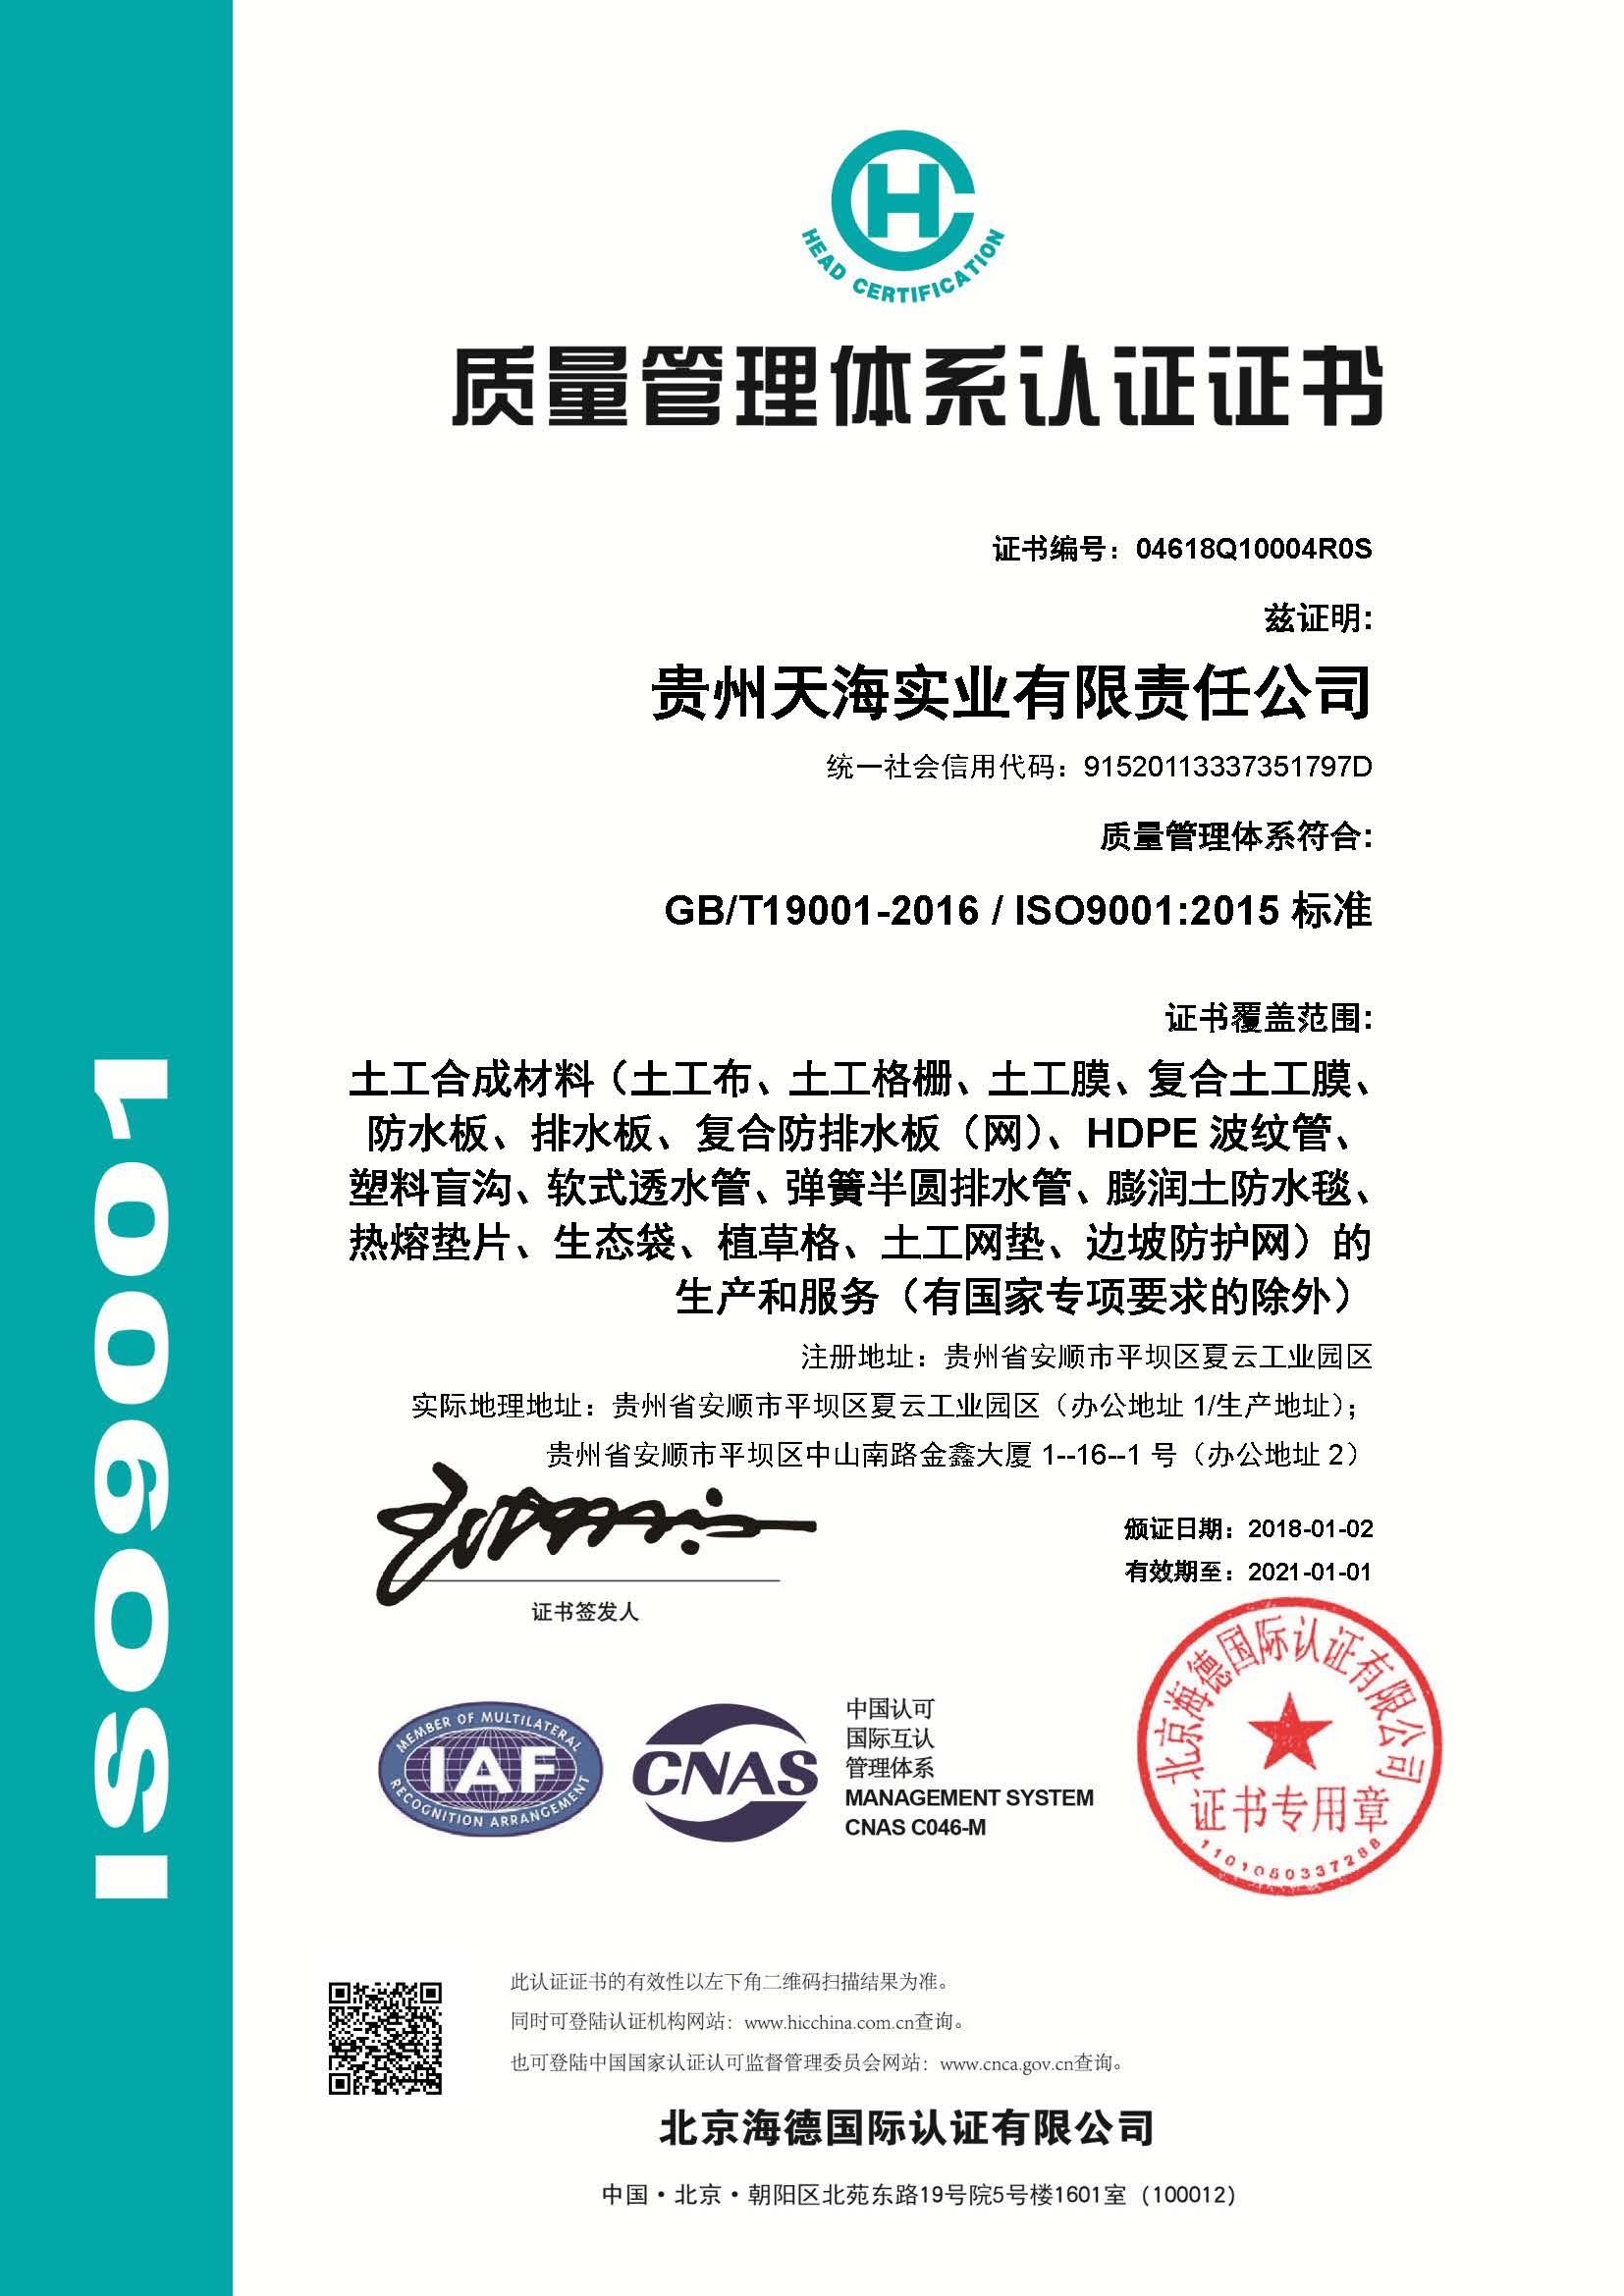 【天海】质量管理体系认证证书